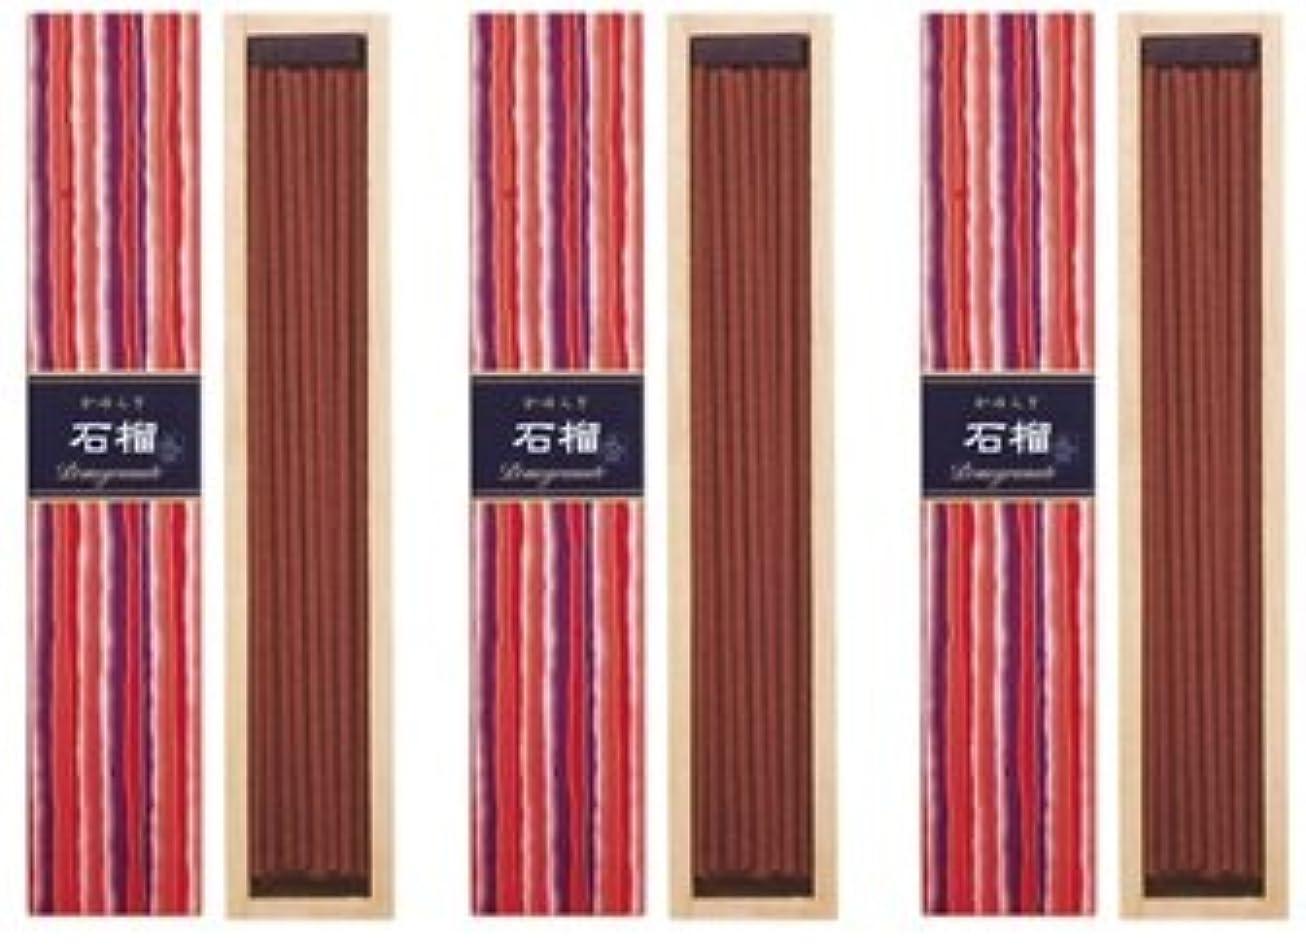 早い発表する二度日本香堂 かゆらぎ 石榴(ざくろ) スティック40本入 3箱セット